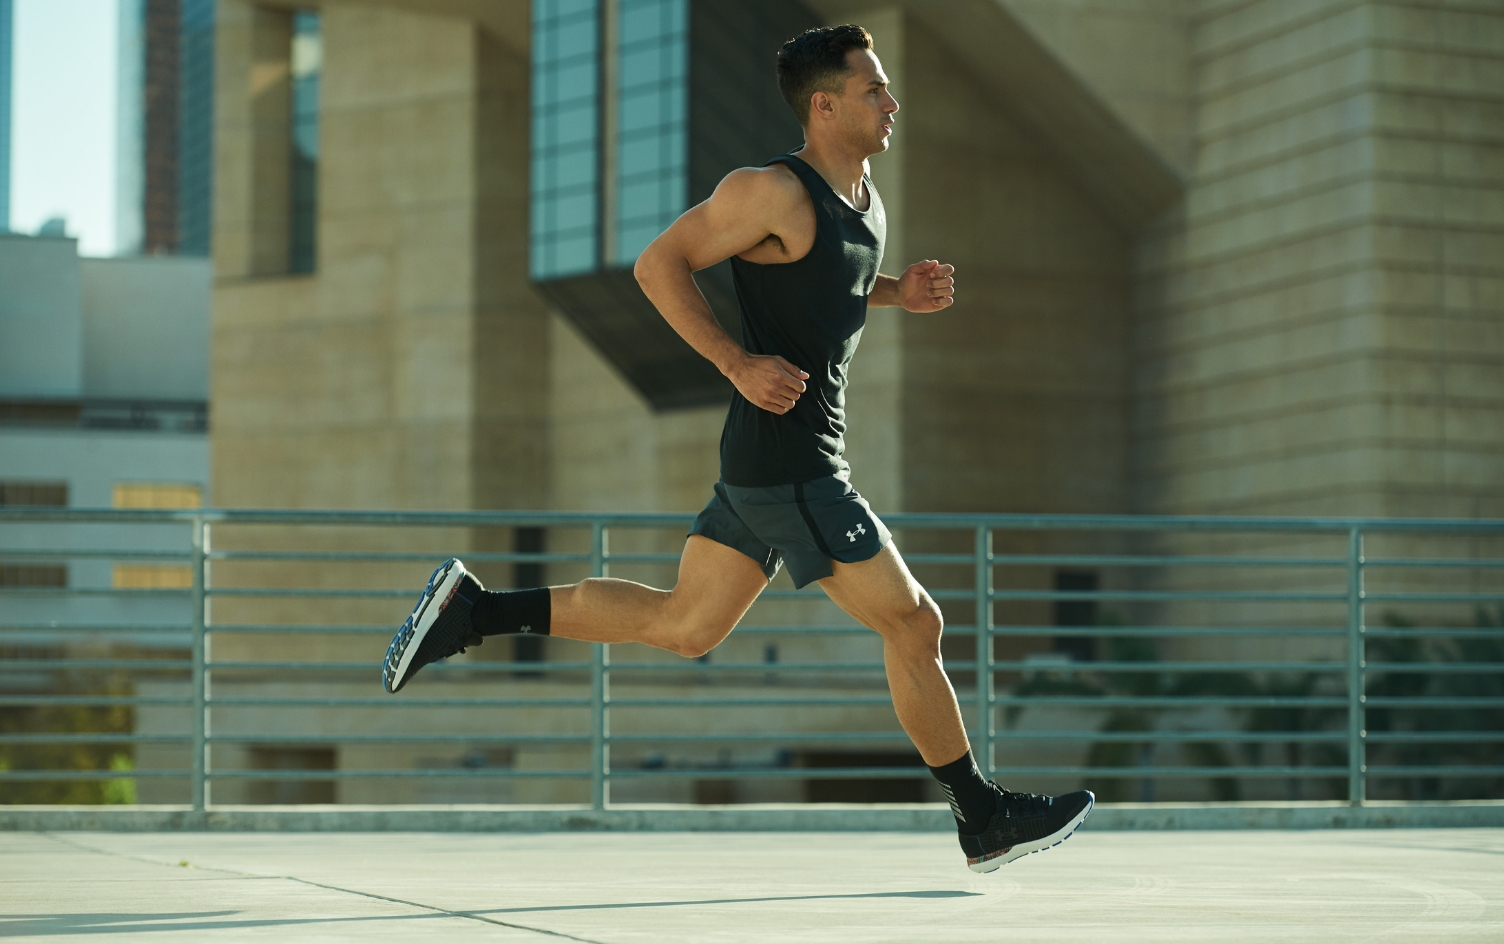 Chạy bộ có thực sự làm giảm cơ bắp không ?